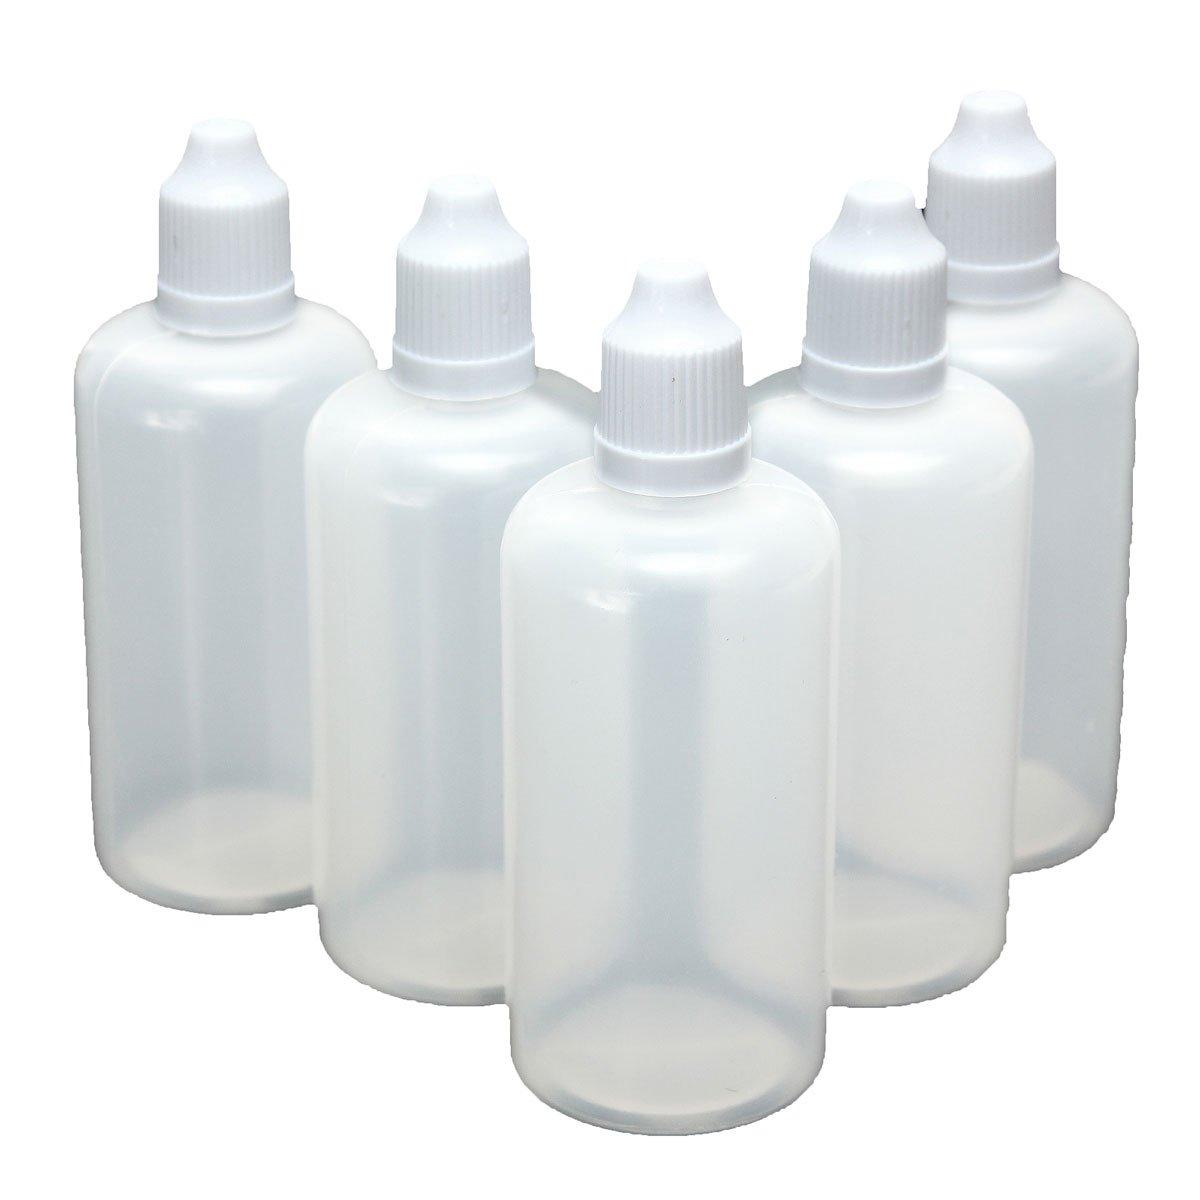 bec verseur pour bouteille en plastique. Black Bedroom Furniture Sets. Home Design Ideas